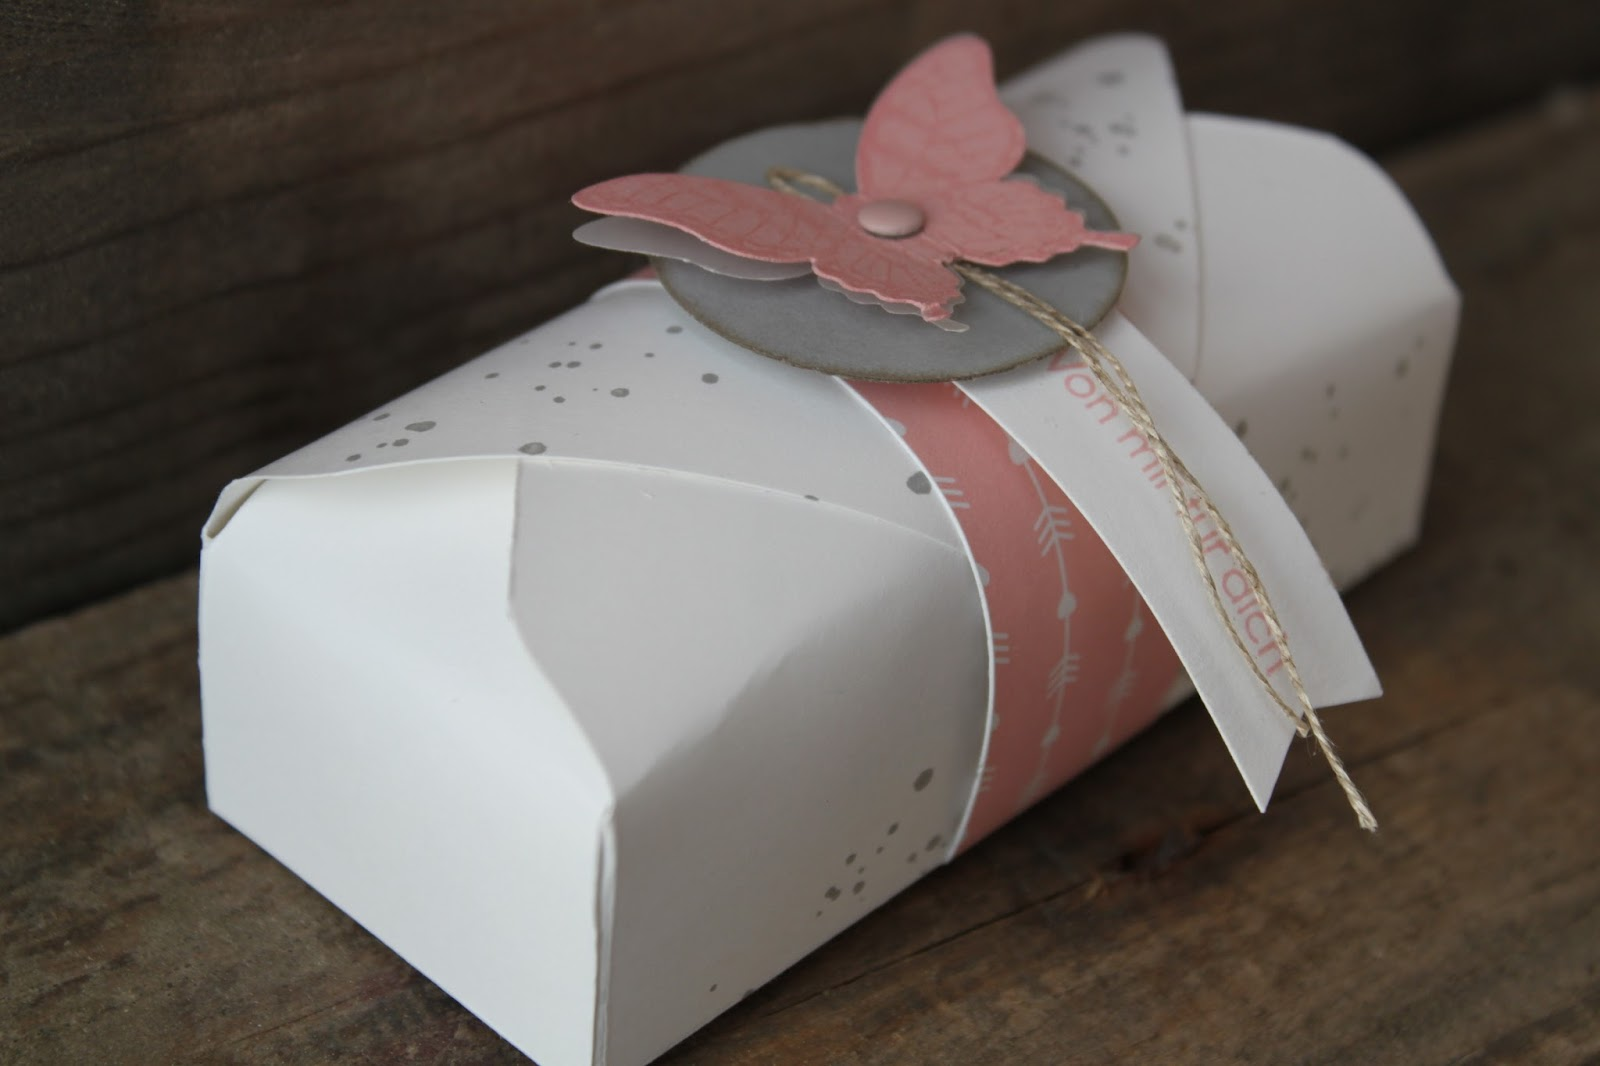 Schatzkiste Basteln Papier Schatzkiste Basteln Holz Einzigartig